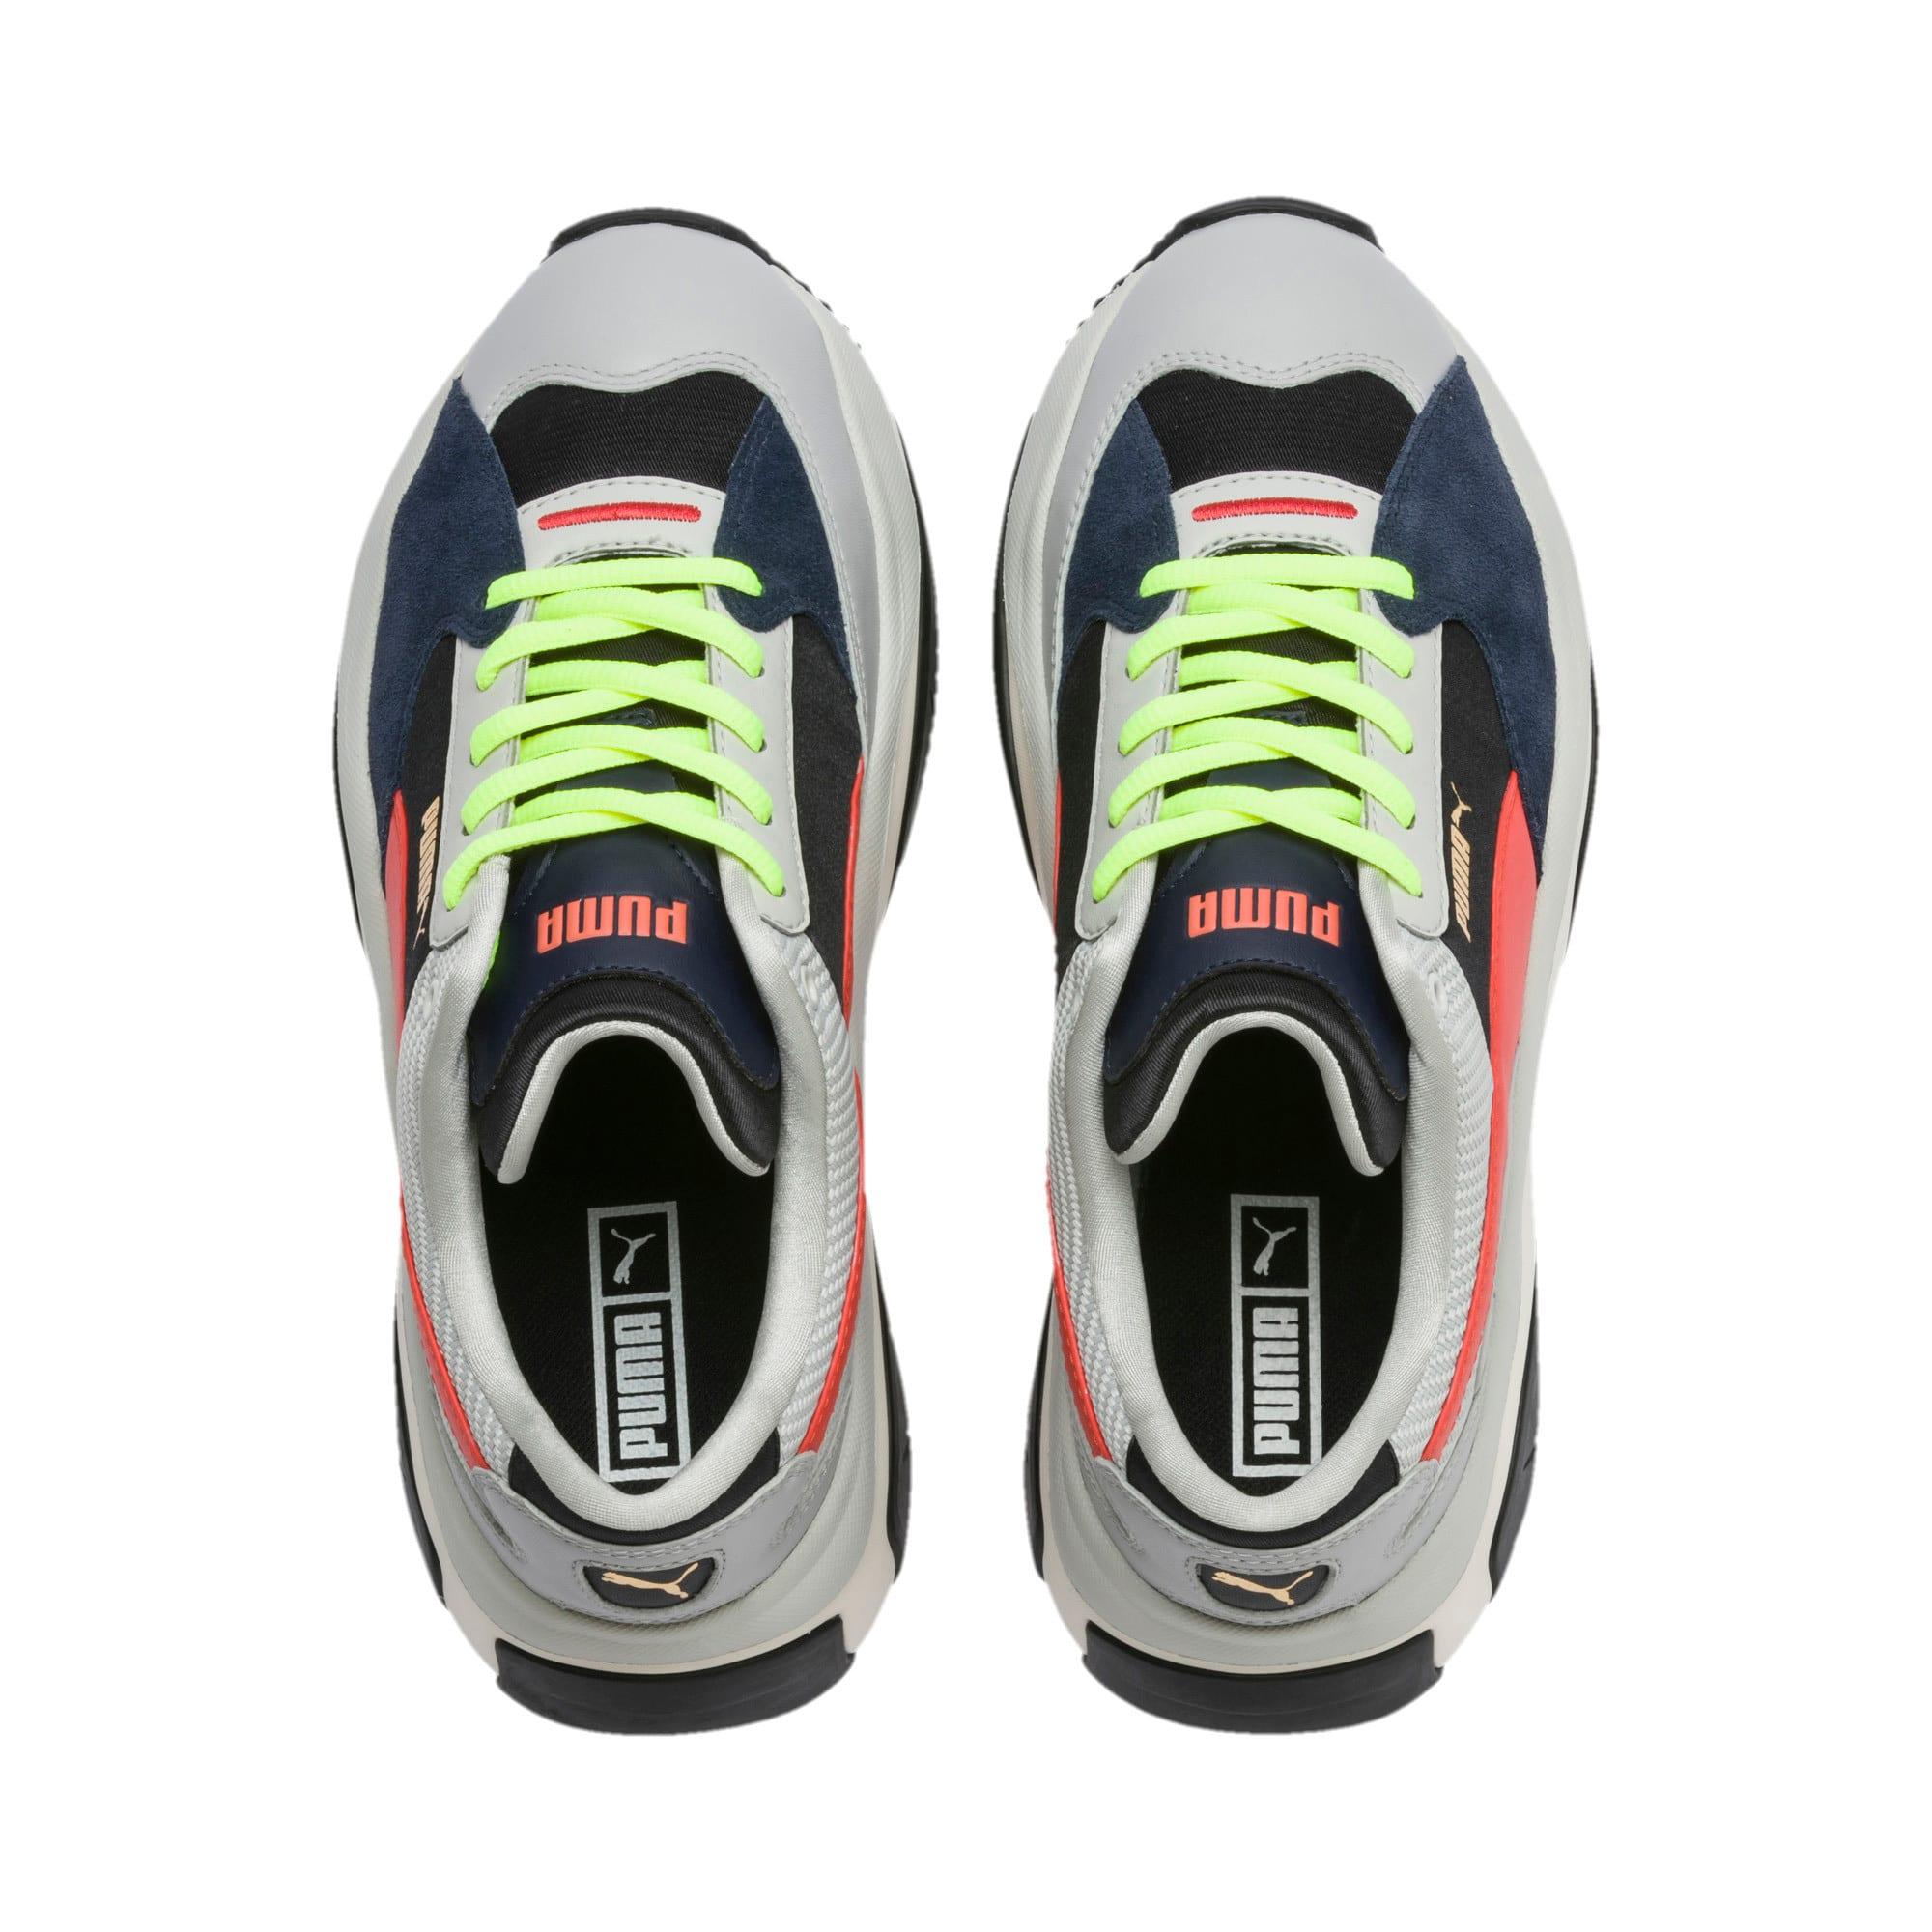 Imagen en miniatura 7 de Zapatillas de mujer STORM.Y, Gray Violet, mediana